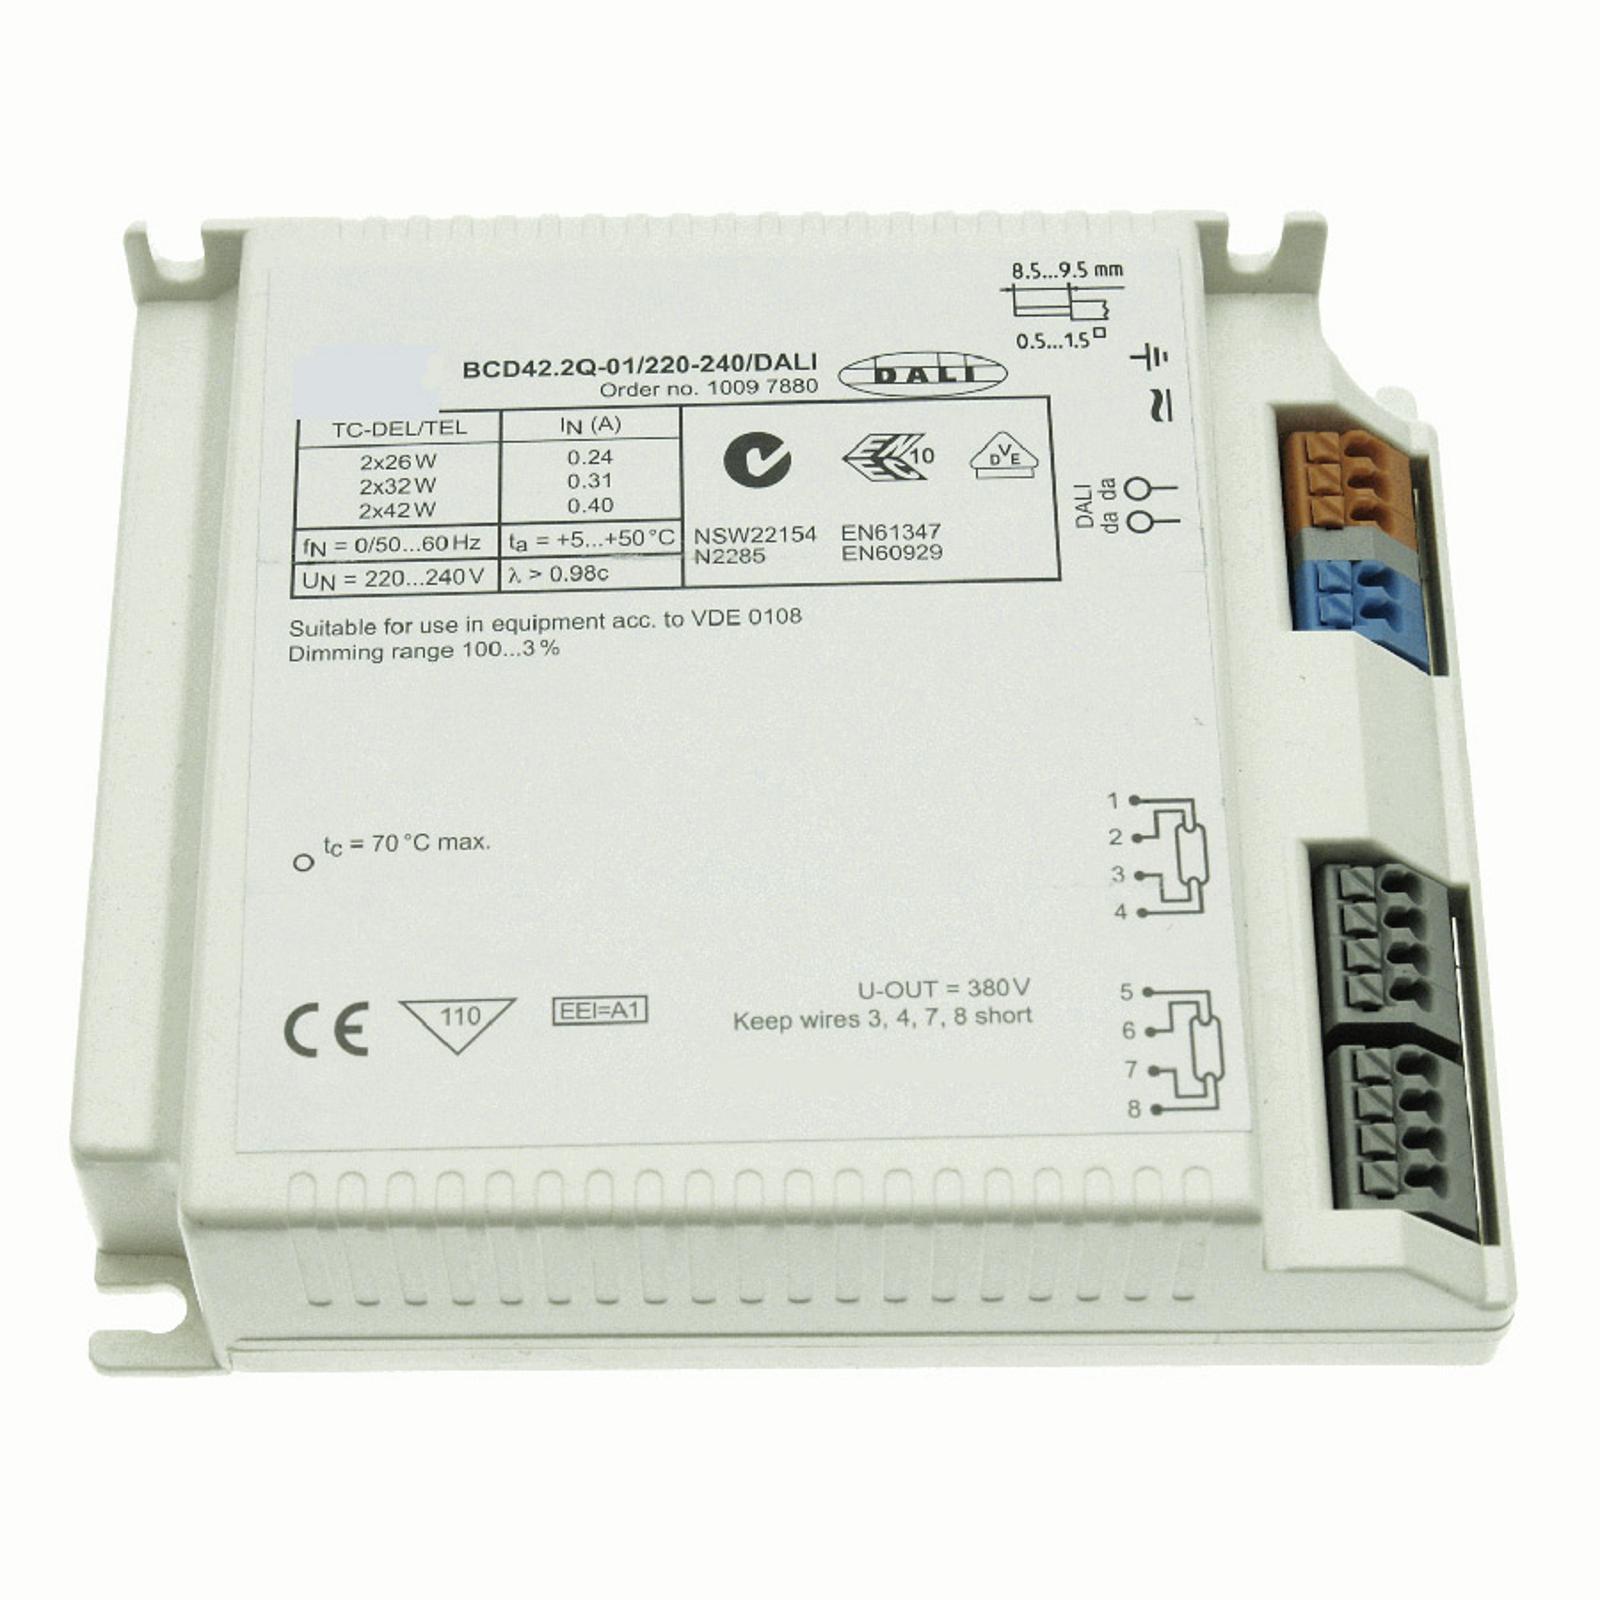 EVG 2 x 26-42 W BCD42.2Q-01/220-240/DALI ściem.